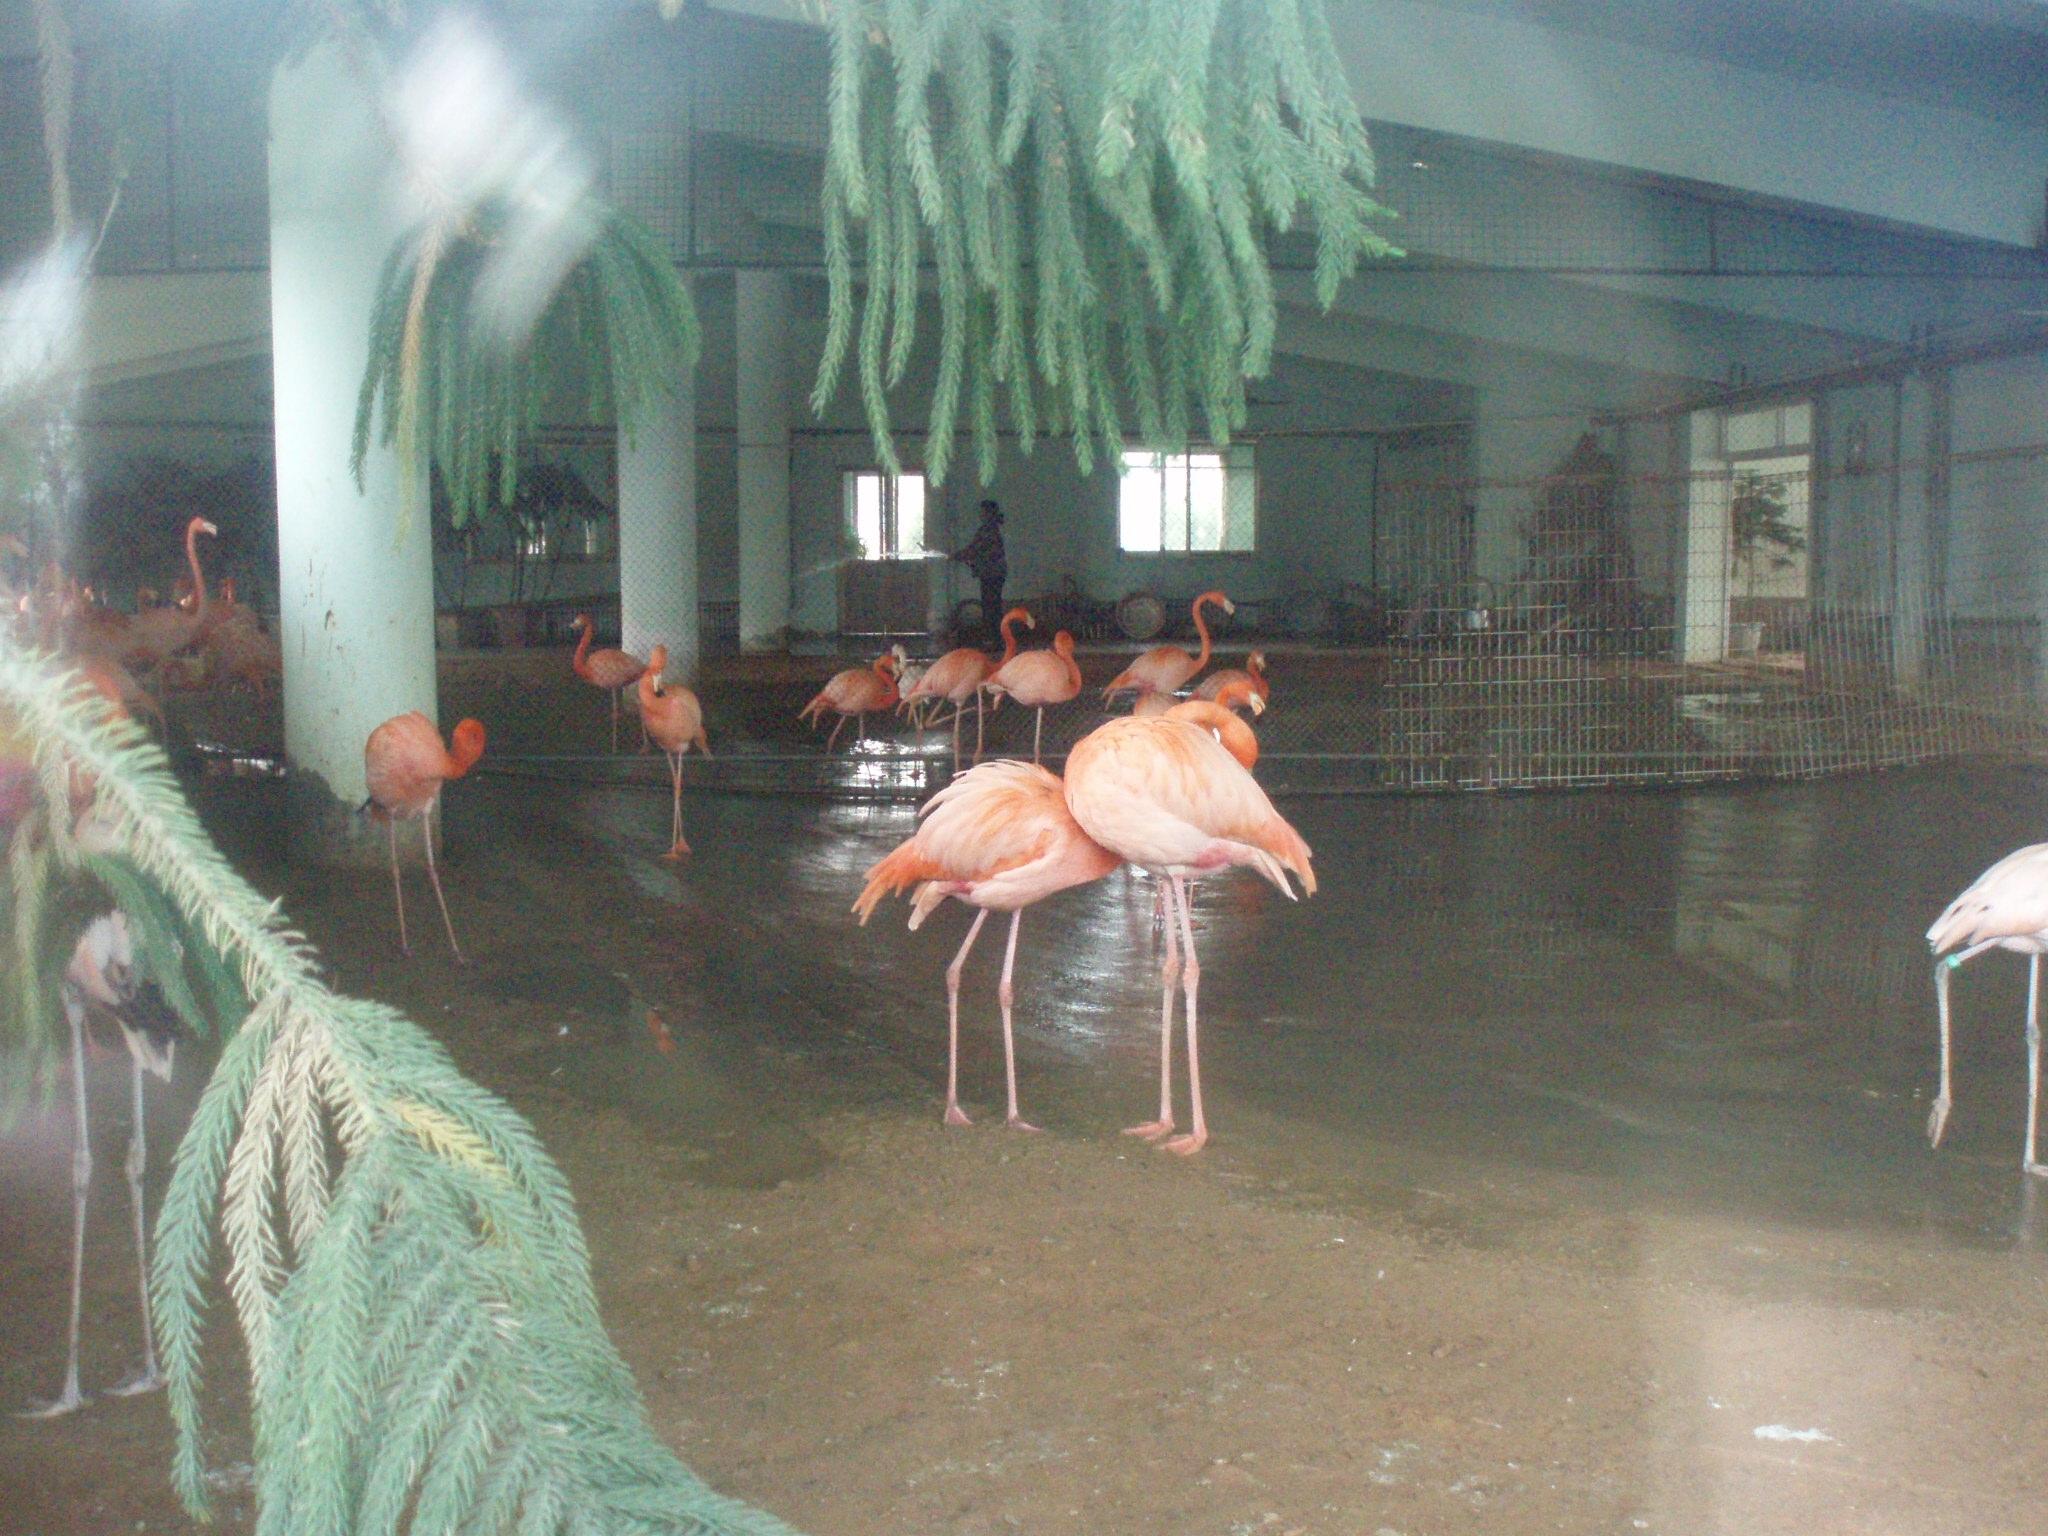 【携程攻略】河北石家庄市动物园景点,就是一般的动物